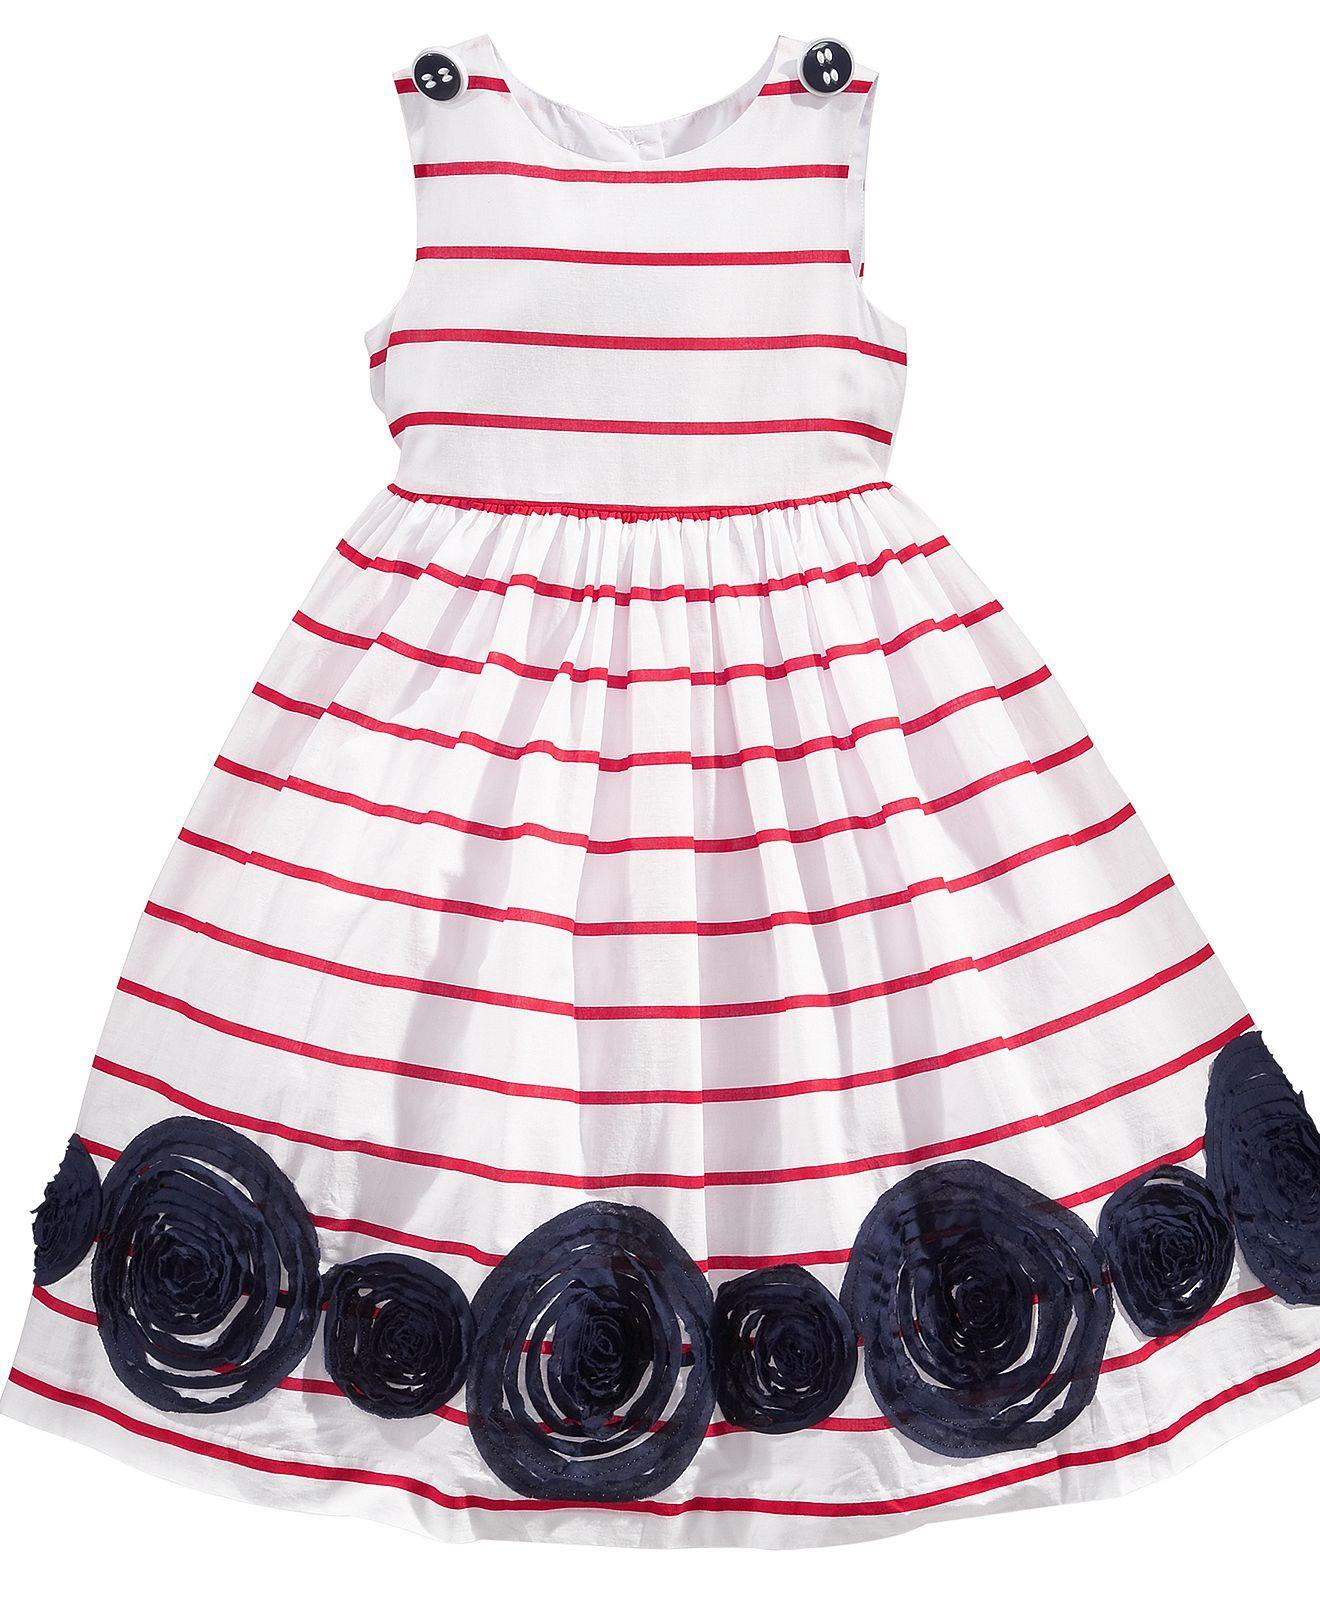 Marmellata Kids Dress Little Girls Nautical Striped Dress Web ID